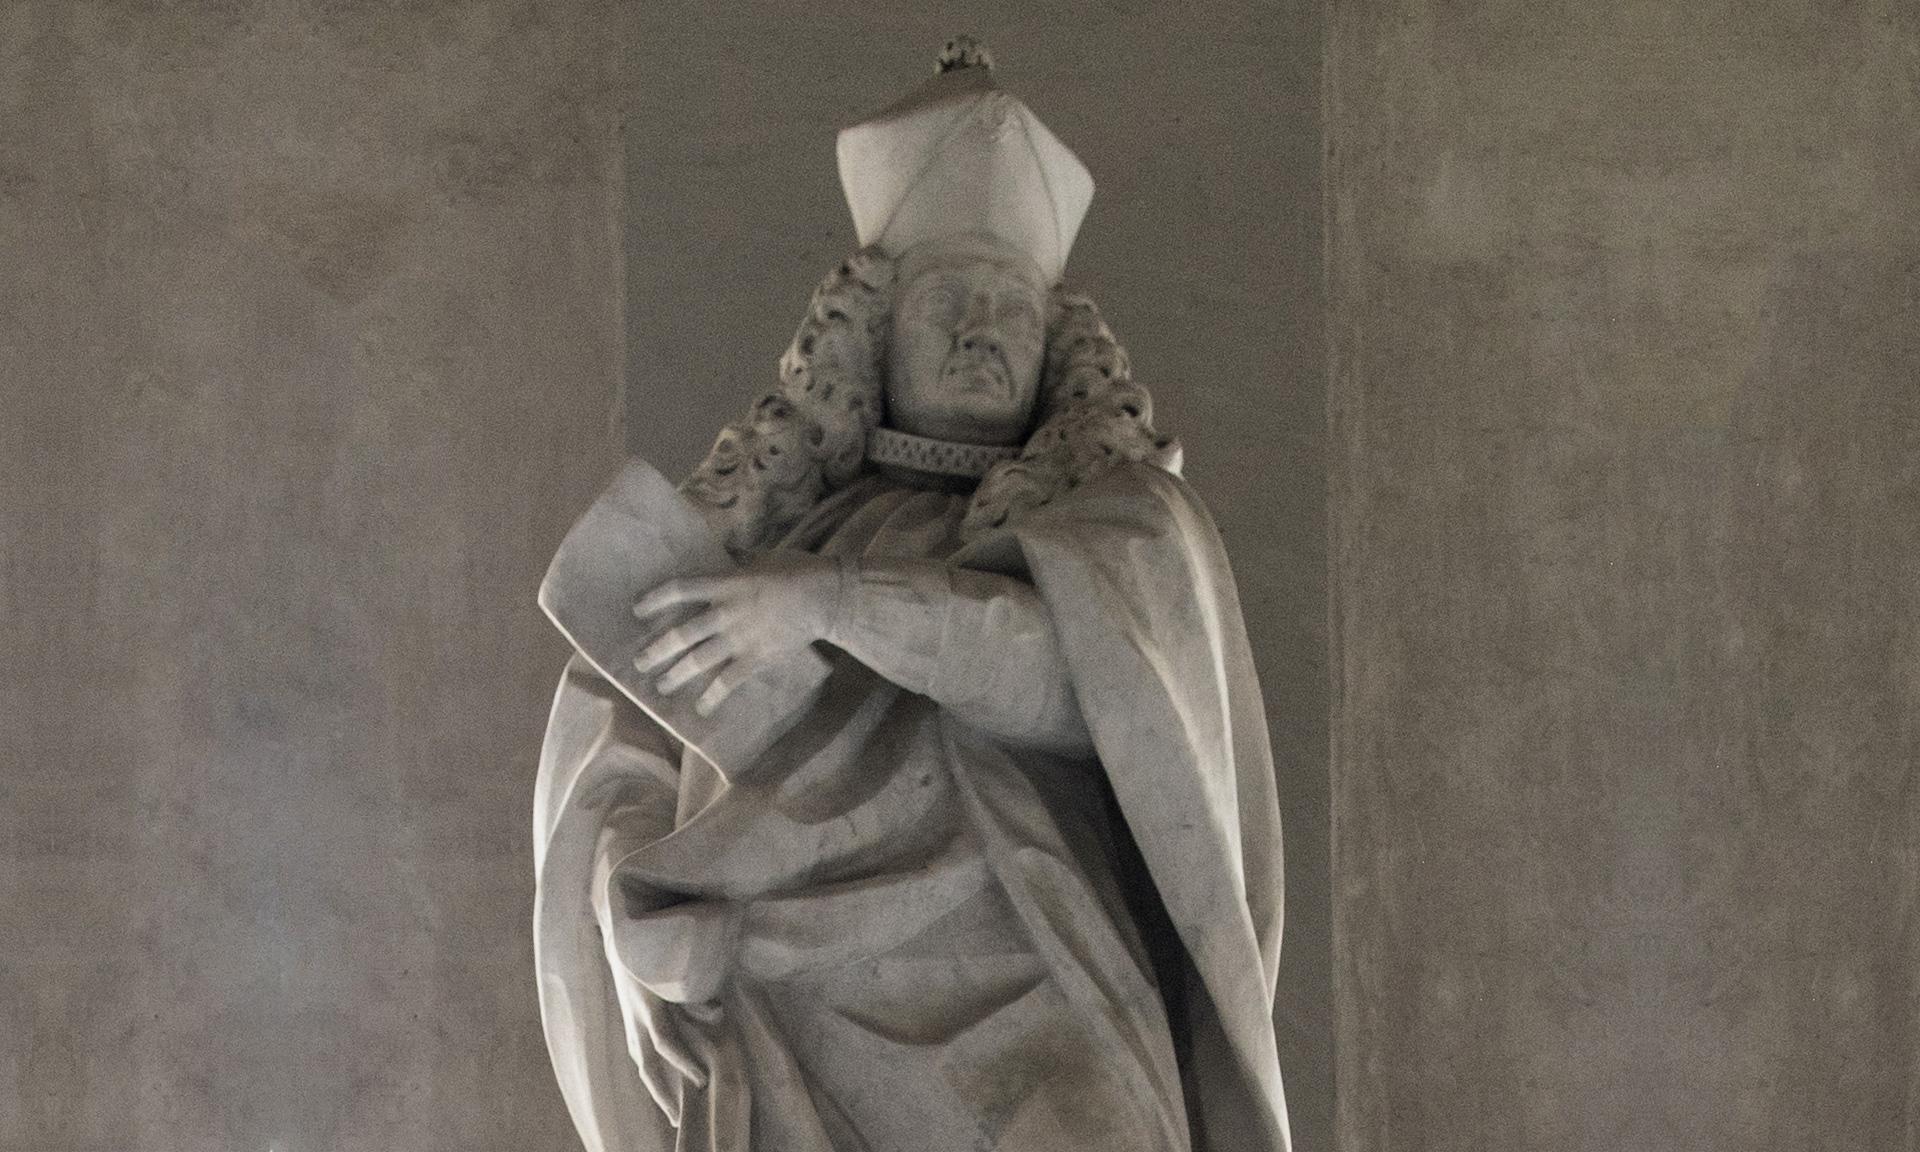 statue_philippo-spinulae_01 - Albergo dei Poveri Genova